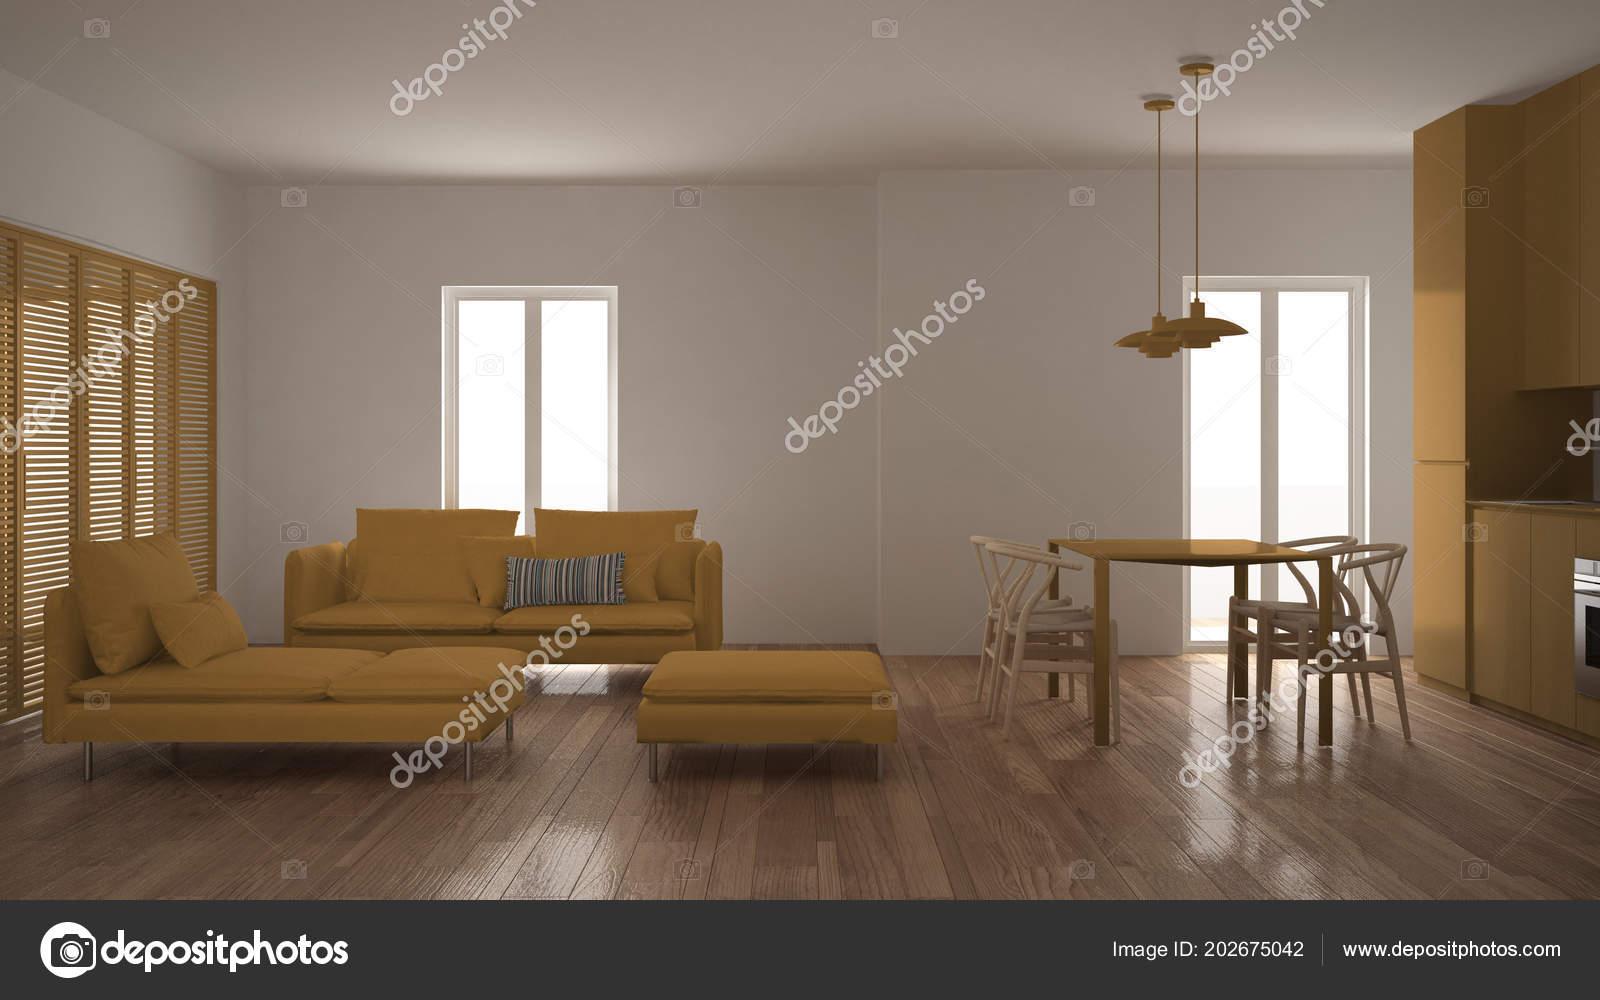 Moderne schone woonkamer met keuken eettafel bank poef chaise